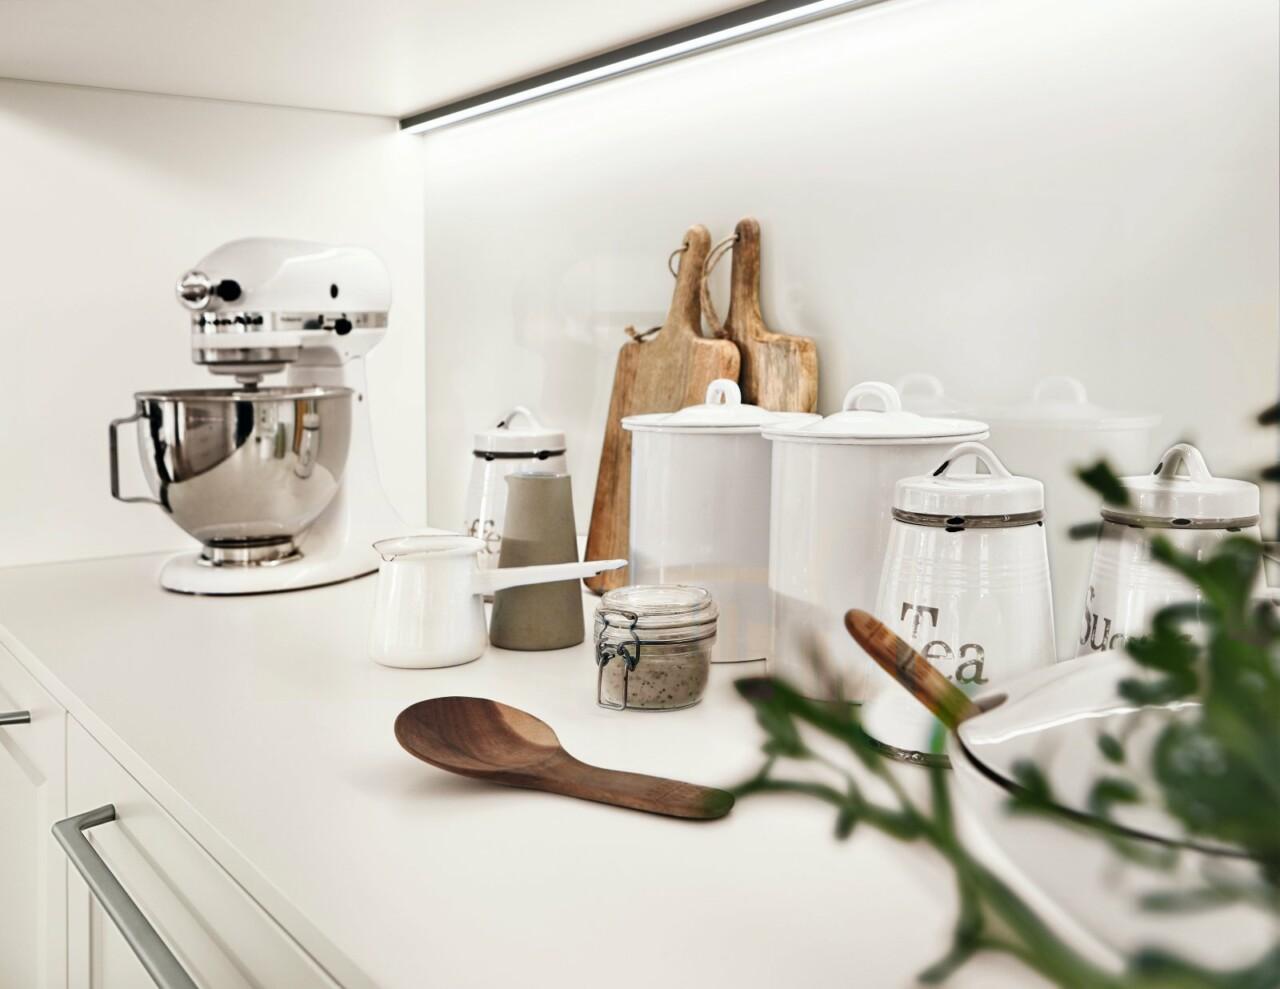 Kuchnie na wymiar z wyspą kuchenną NOBILIA CASCADA 774 biały, lakierowany laminat - Meble kuchenne - 2 - FM KUCHNIE Kraków